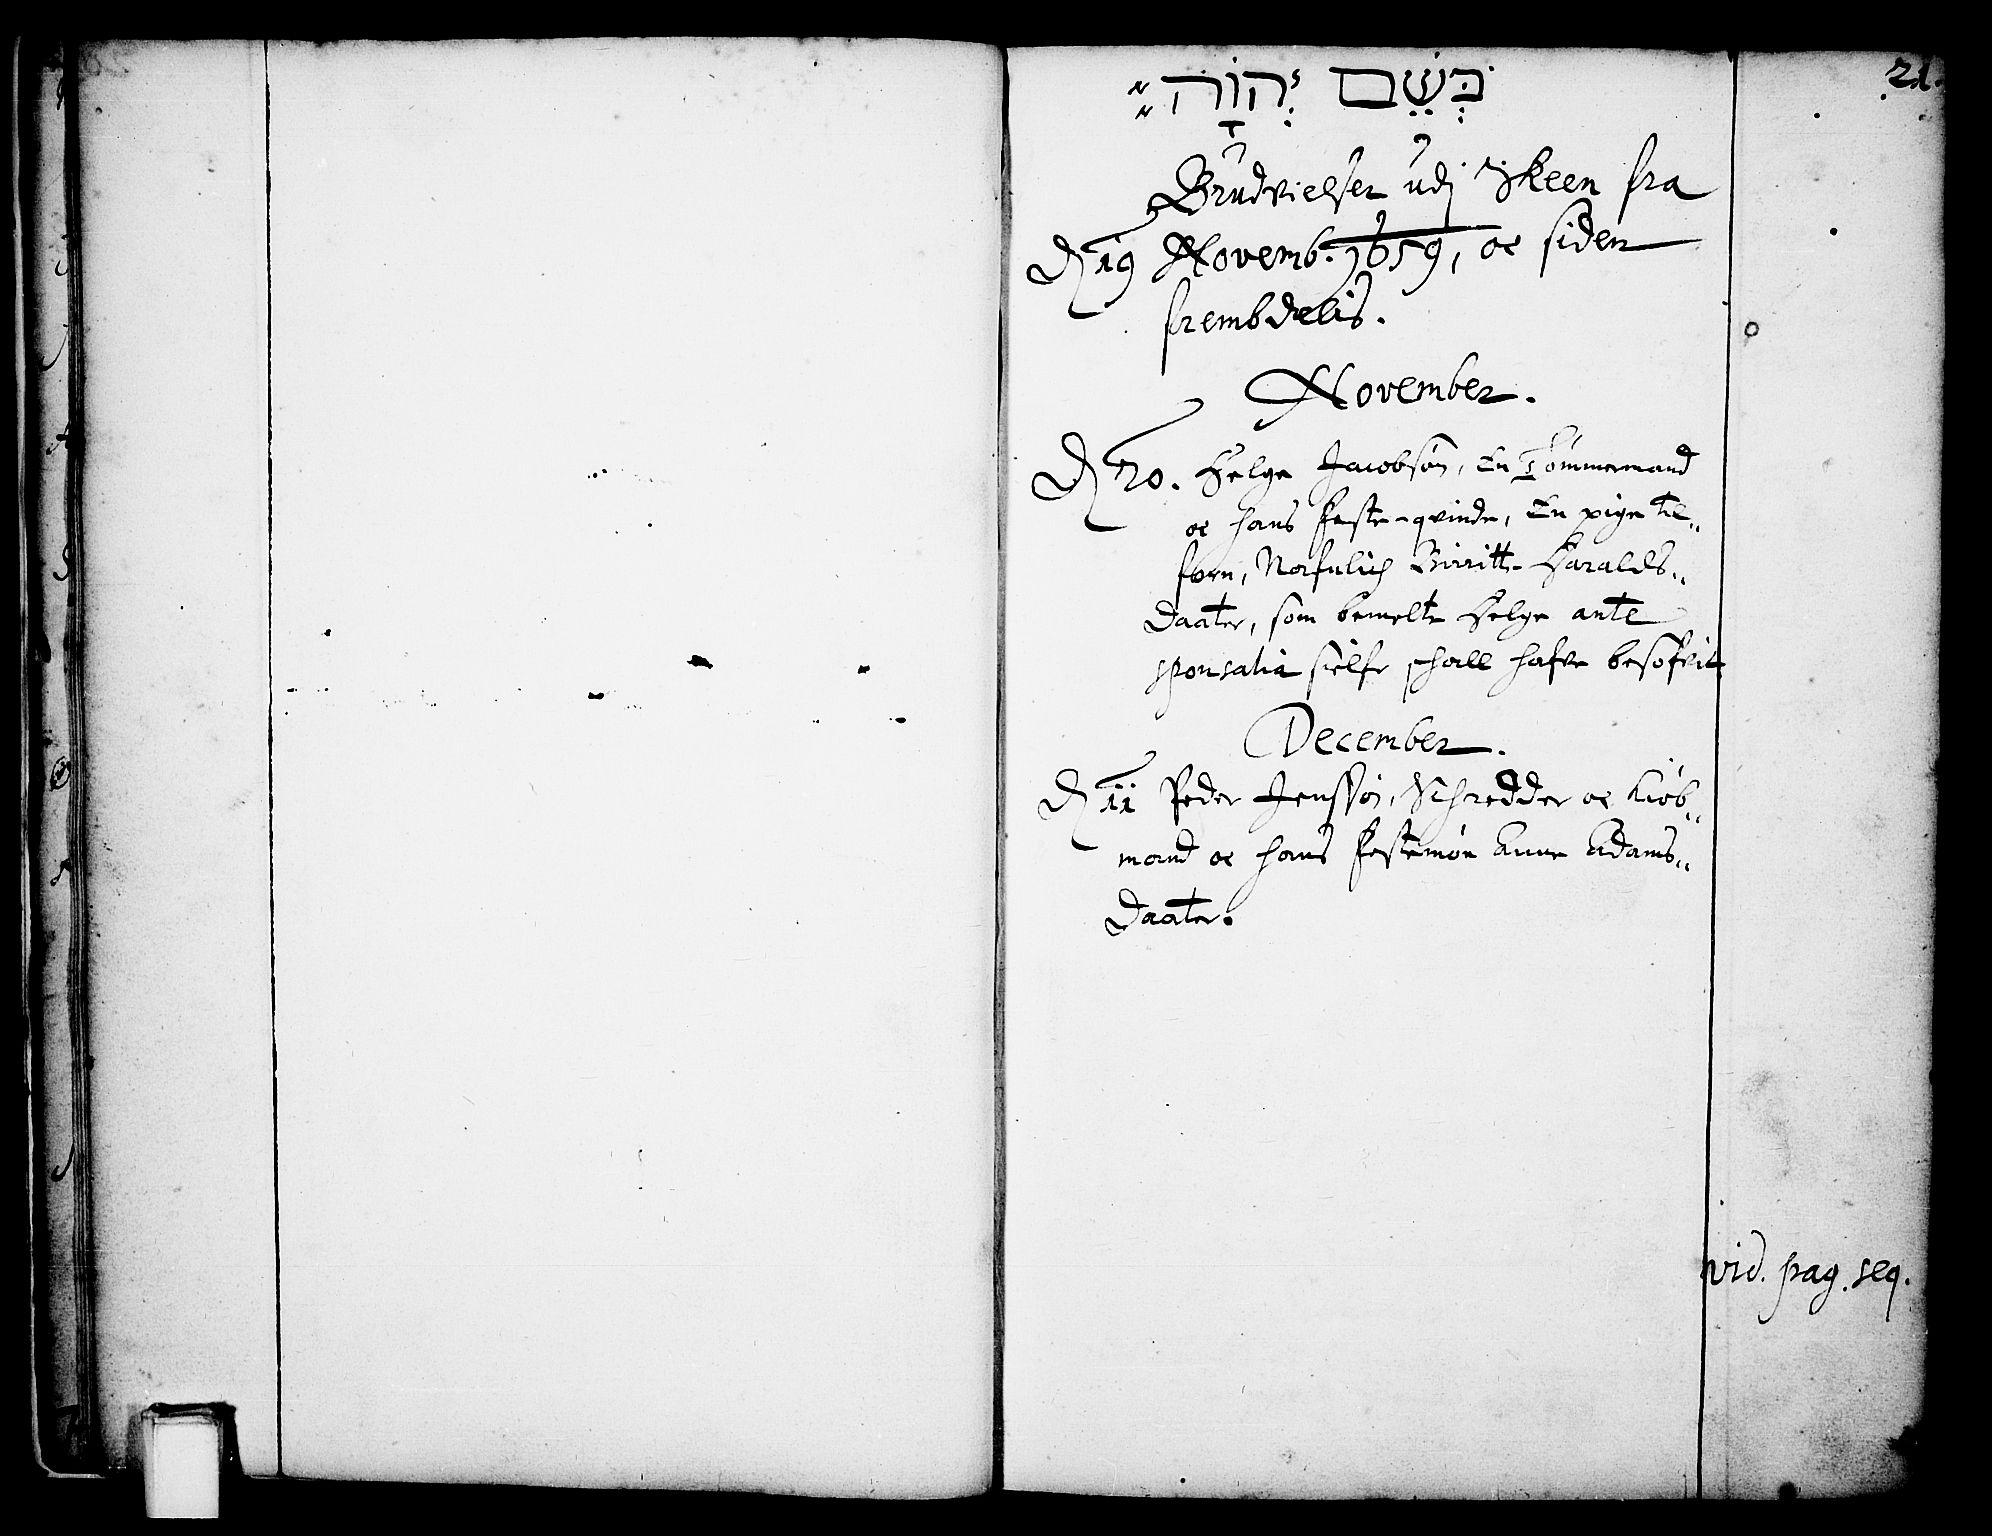 SAKO, Skien kirkebøker, F/Fa/L0001: Ministerialbok nr. 1, 1659-1679, s. 21